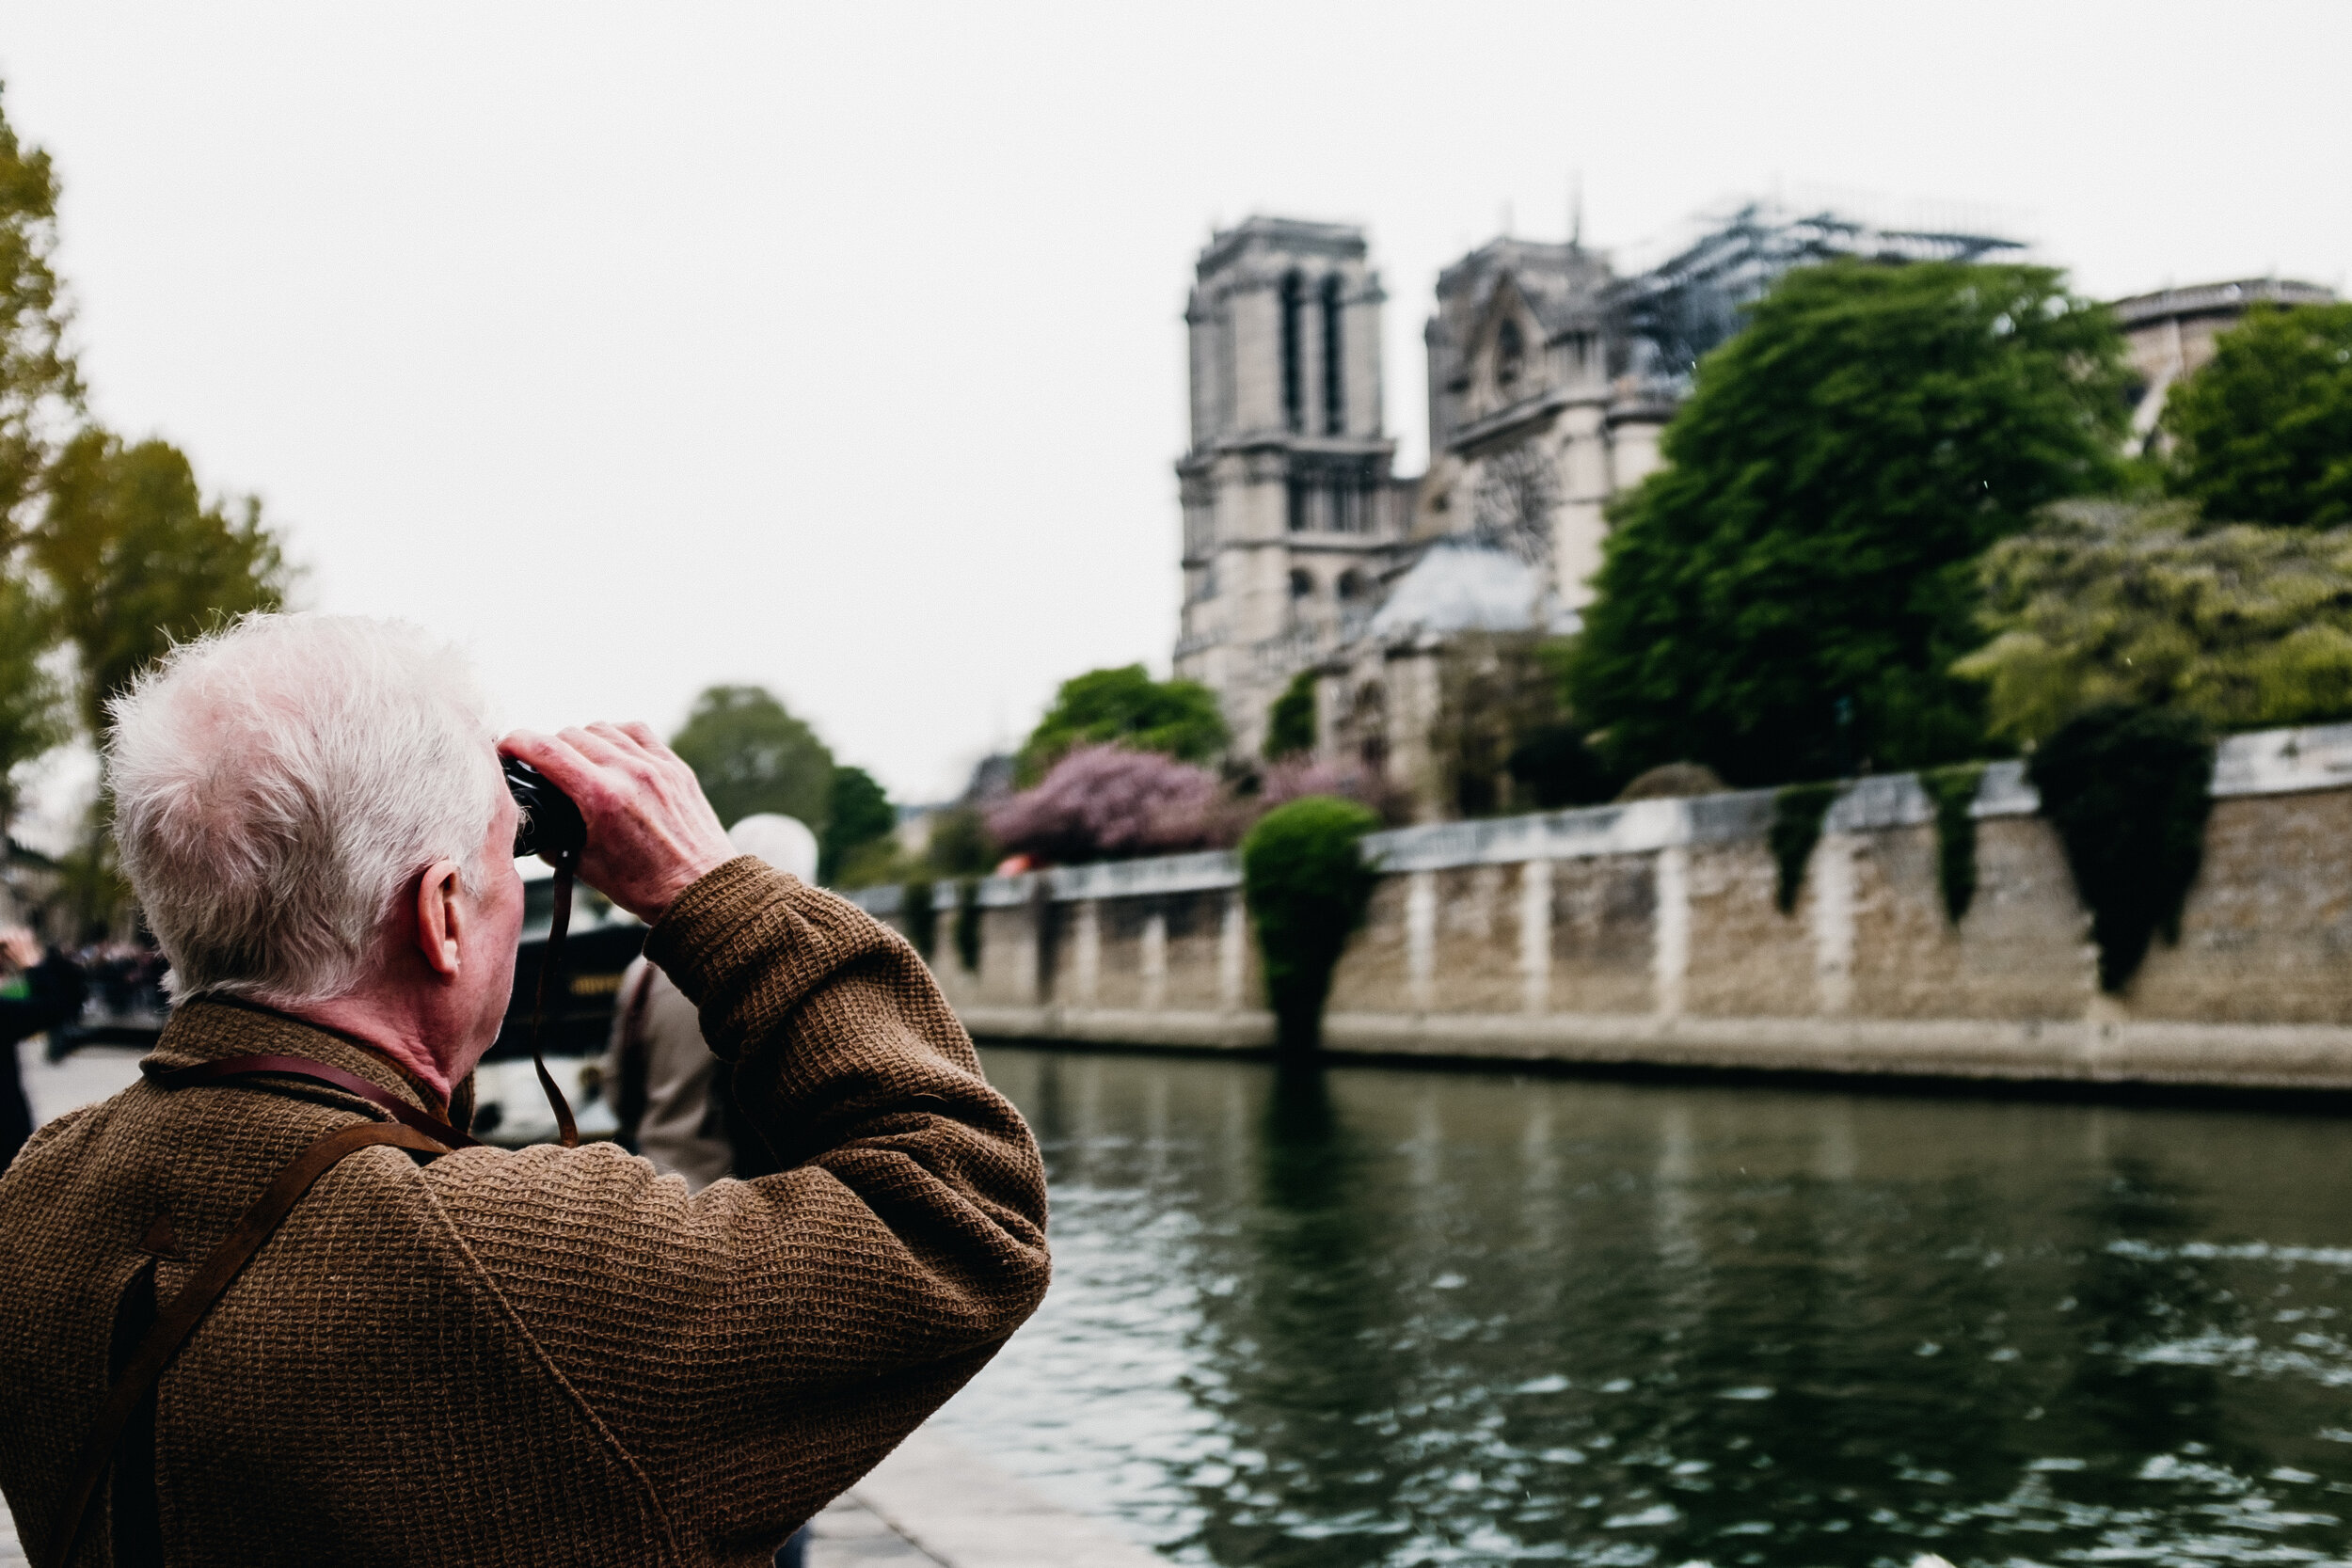 Lead Toxicity - Notre Dame de Paris, France